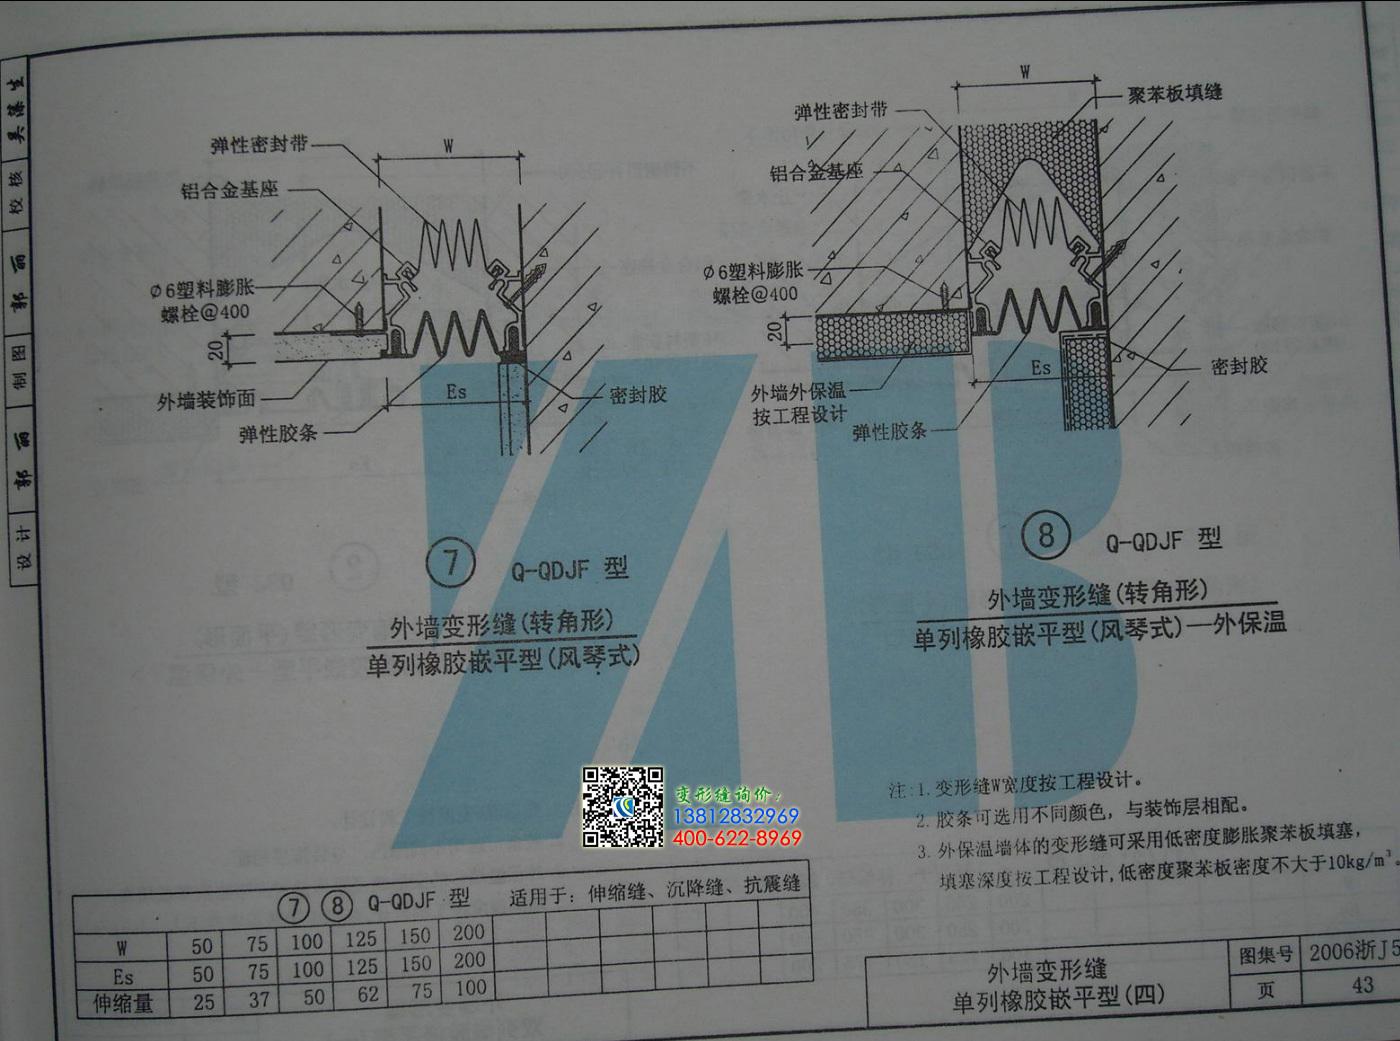 2006浙j55变形缝图集第43页